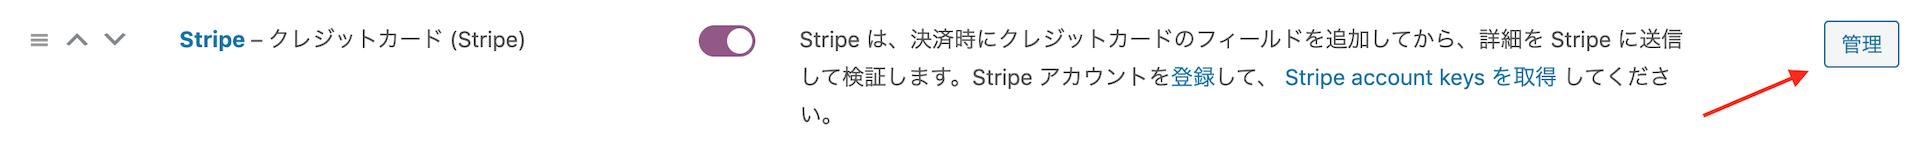 Stripeの「管理」に移動